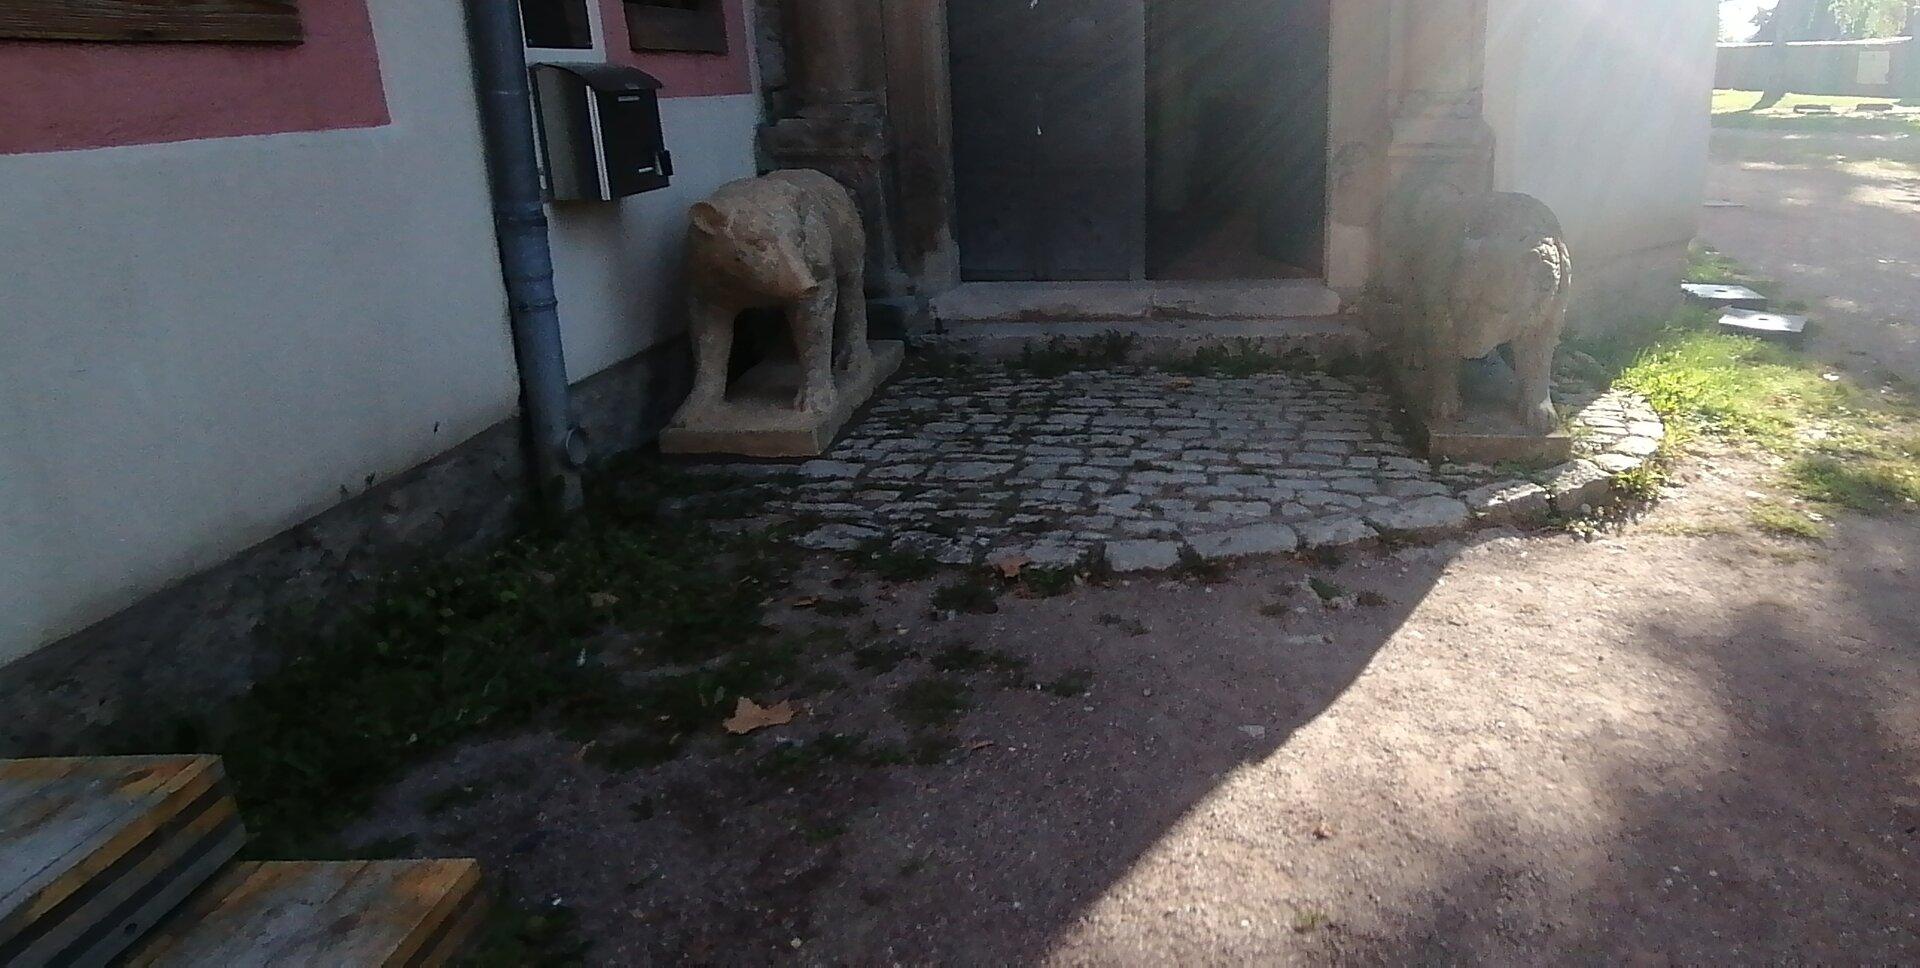 zweiter Bär wieder am Eingang